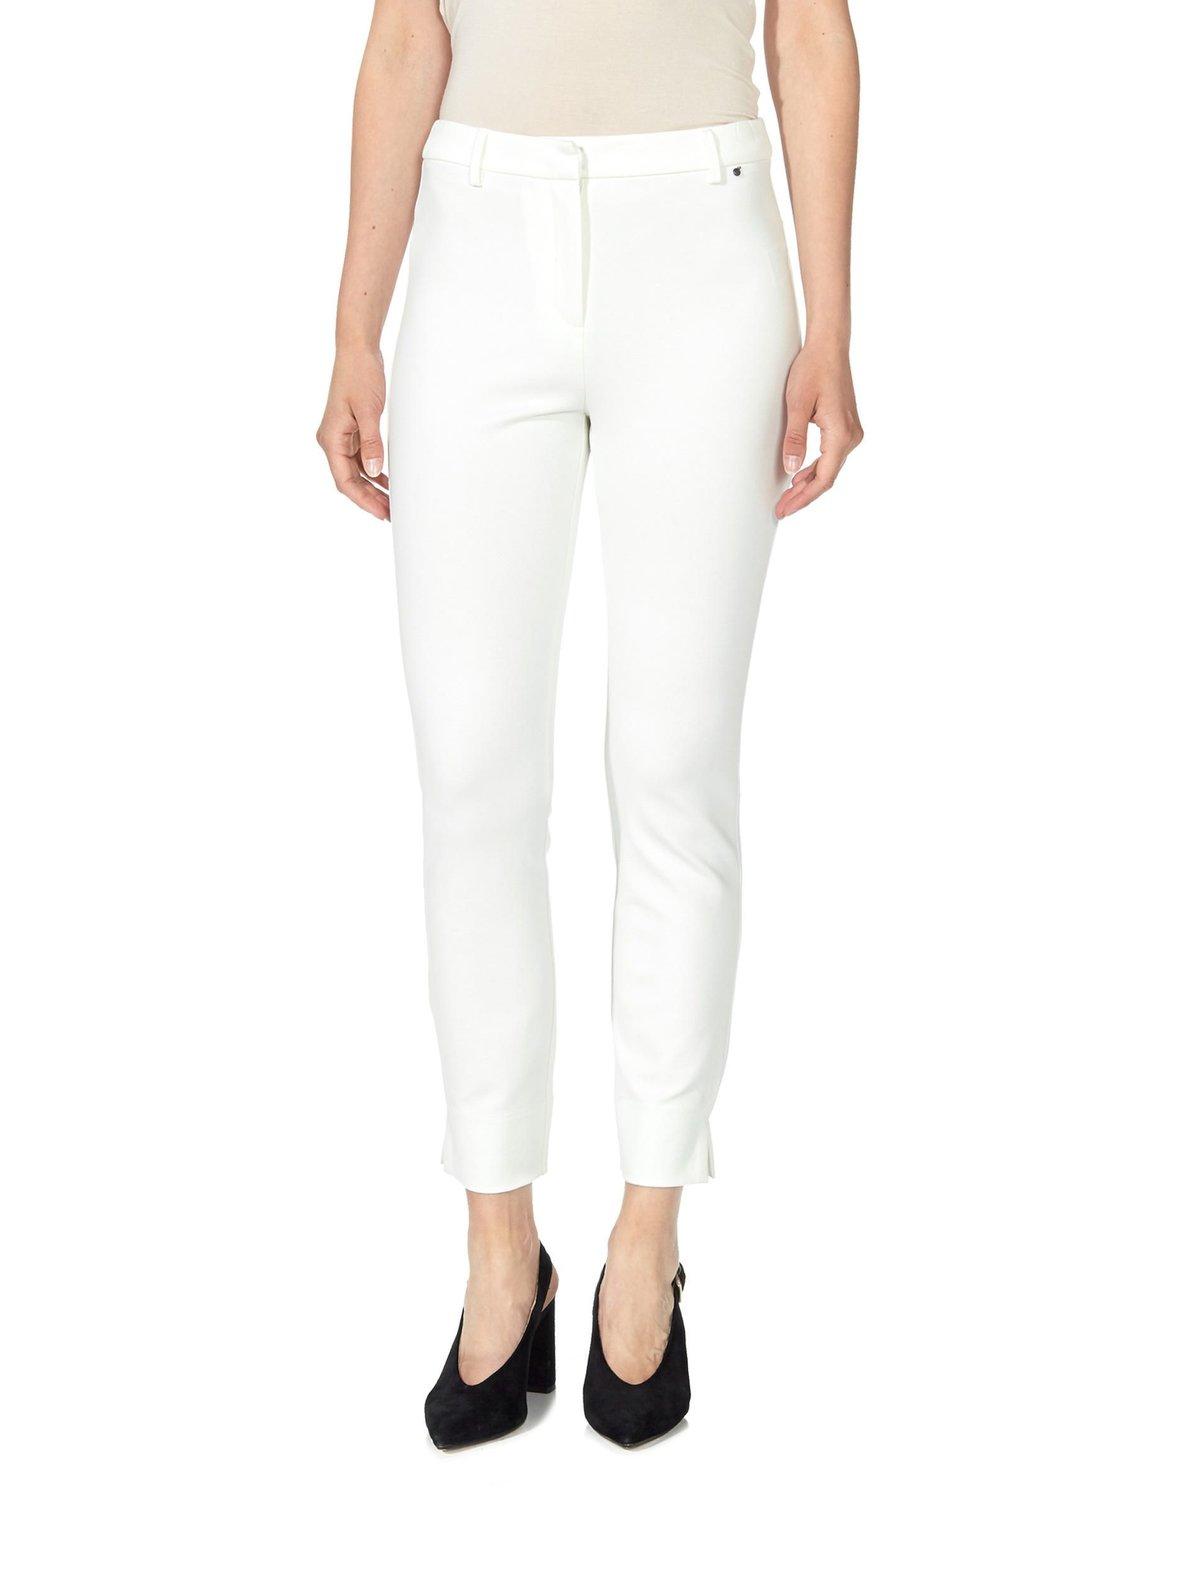 New White (valkoinen) Rosemunde Lana-housut 4425  b6b2c10317